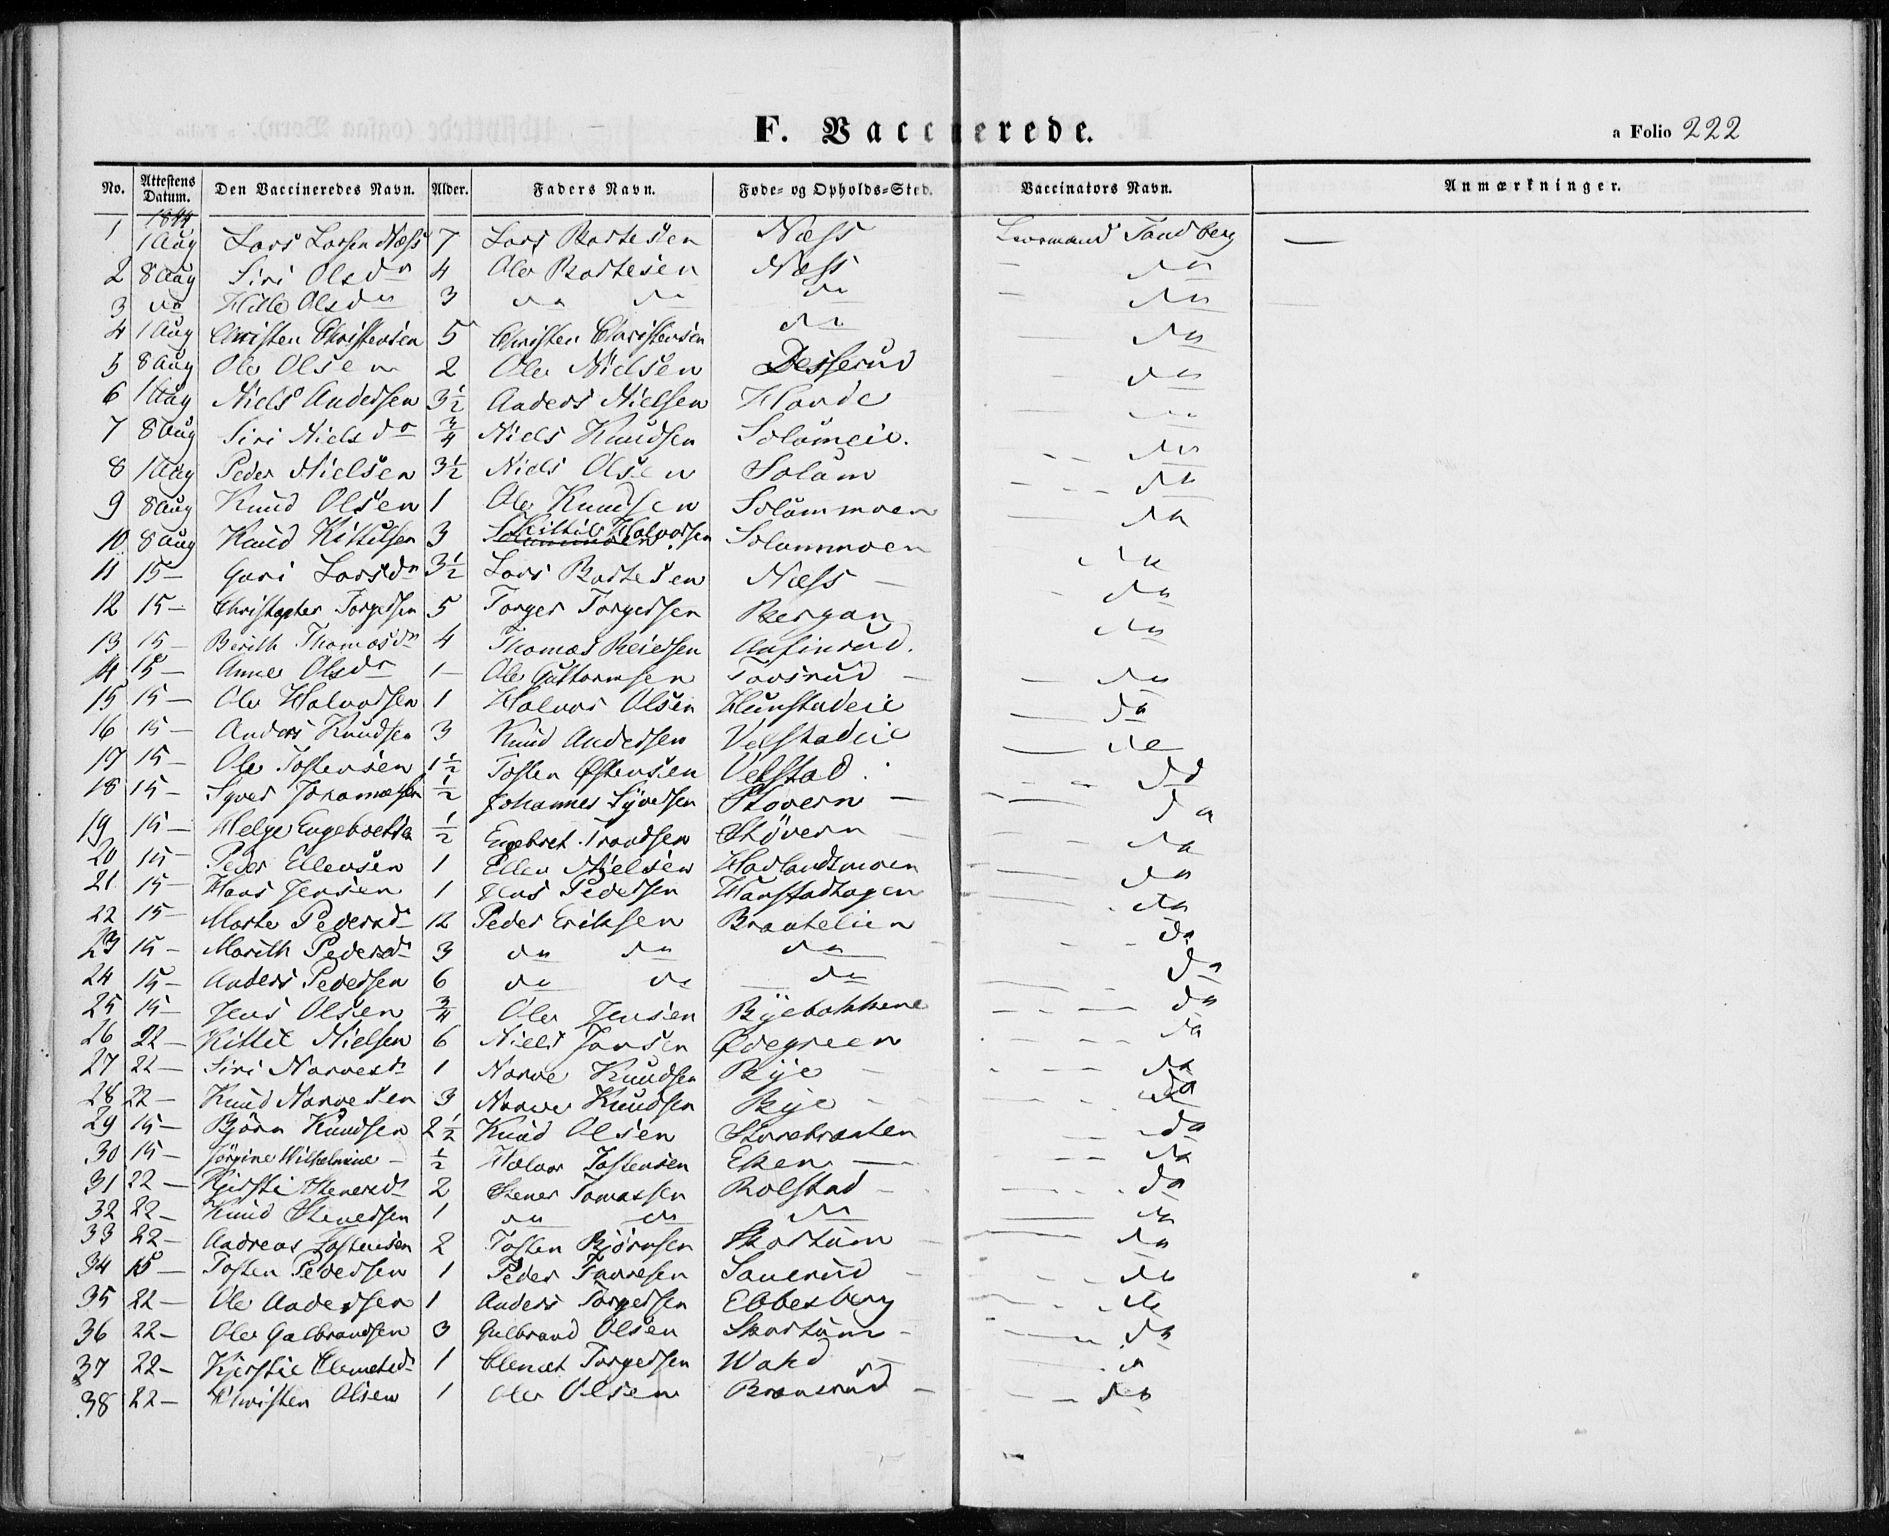 SAKO, Sigdal kirkebøker, F/Fa/L0007: Ministerialbok nr. I 7, 1844-1849, s. 222